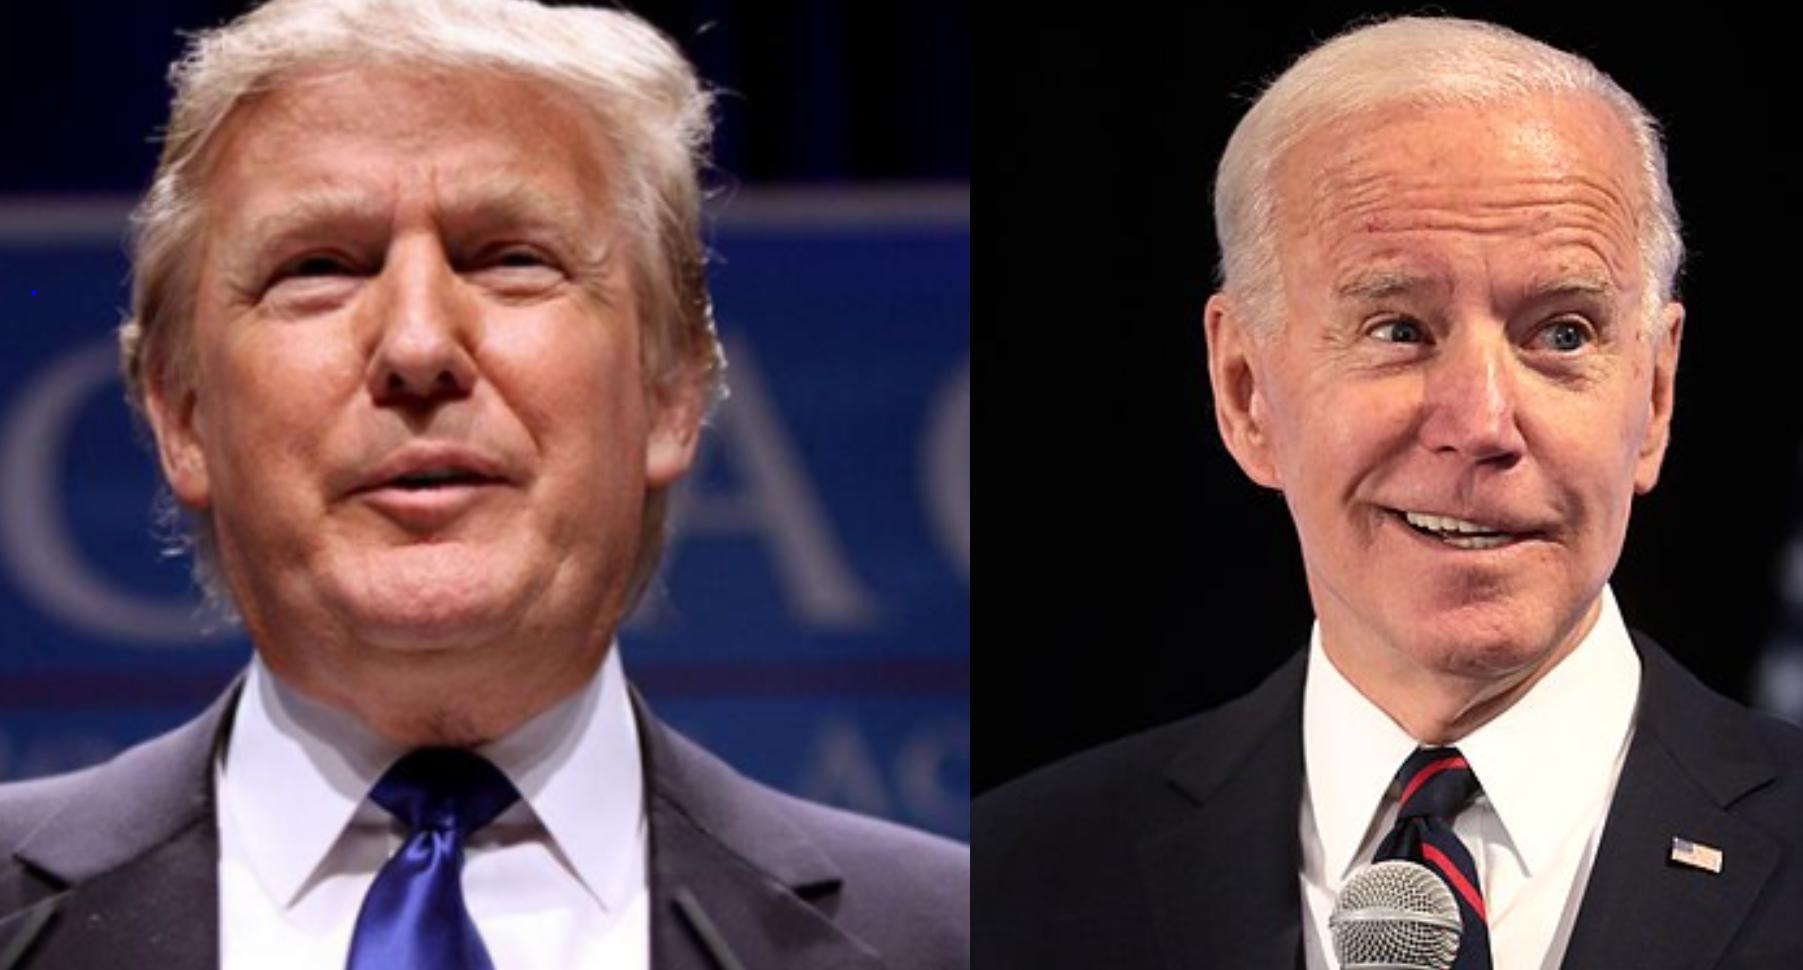 La política exterior estadounidense de cara a las elecciones – Por Dr. Alex Joffe (BESA)